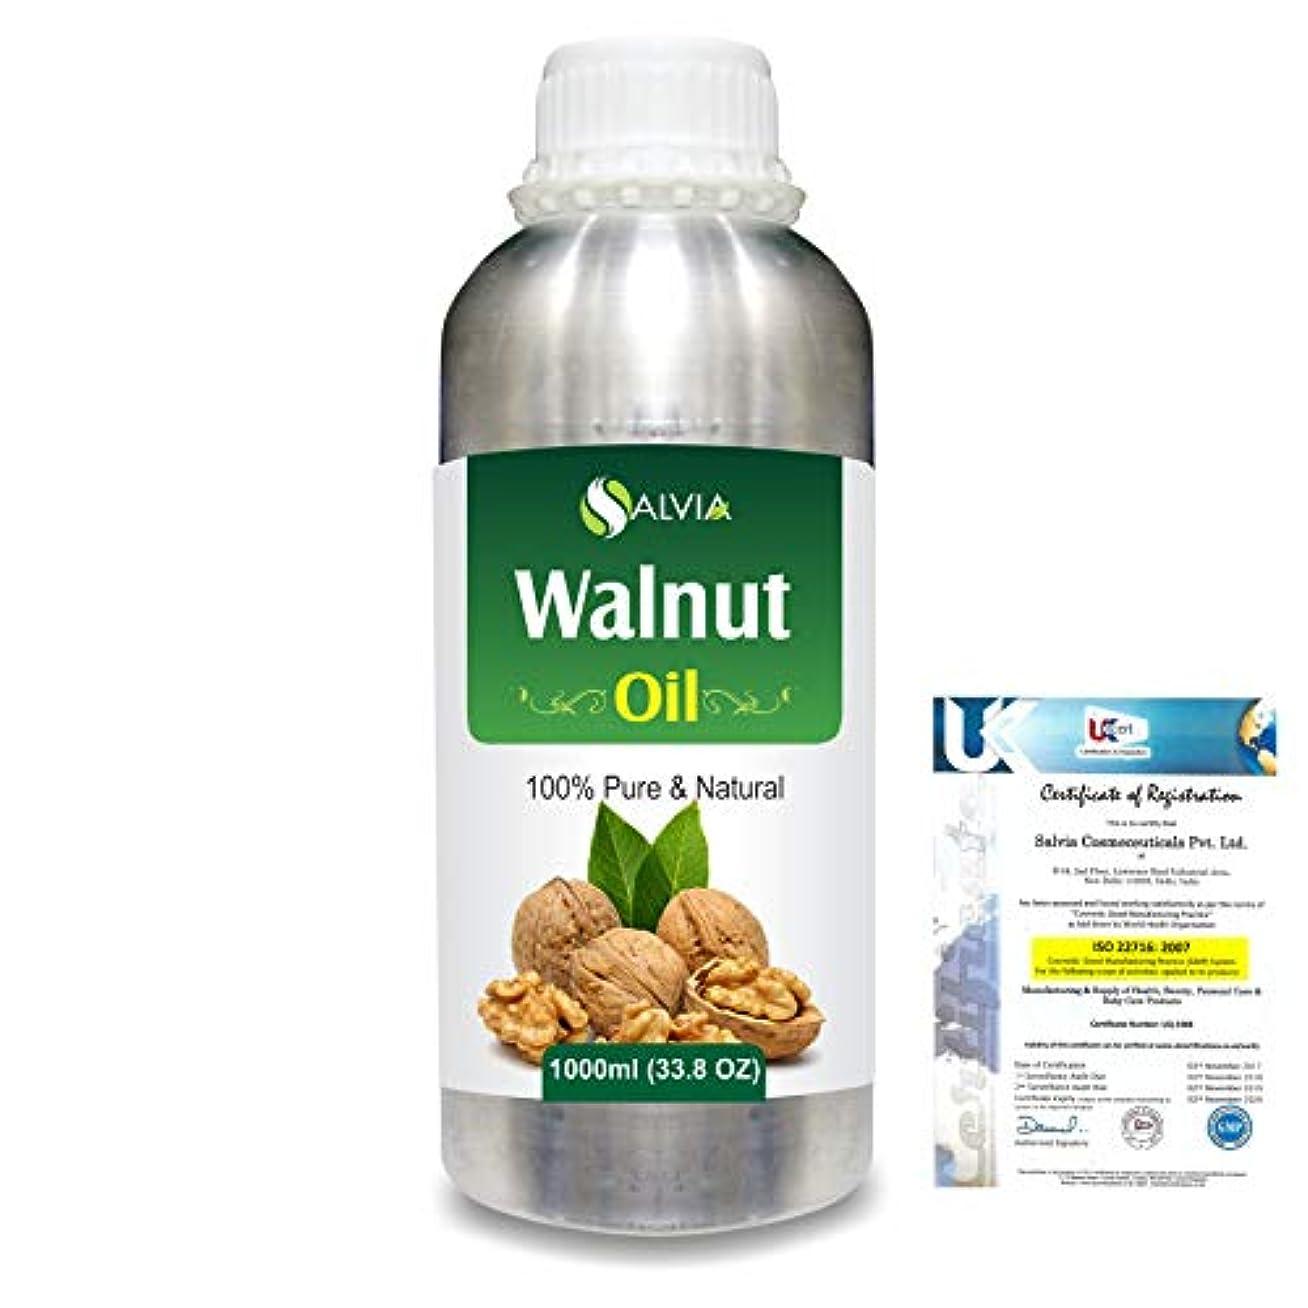 バルセロナモッキンバード細心のWalnut (Juglans regia)100% Natural Pure Carrier Oil 1000ml/33.8fl.oz.